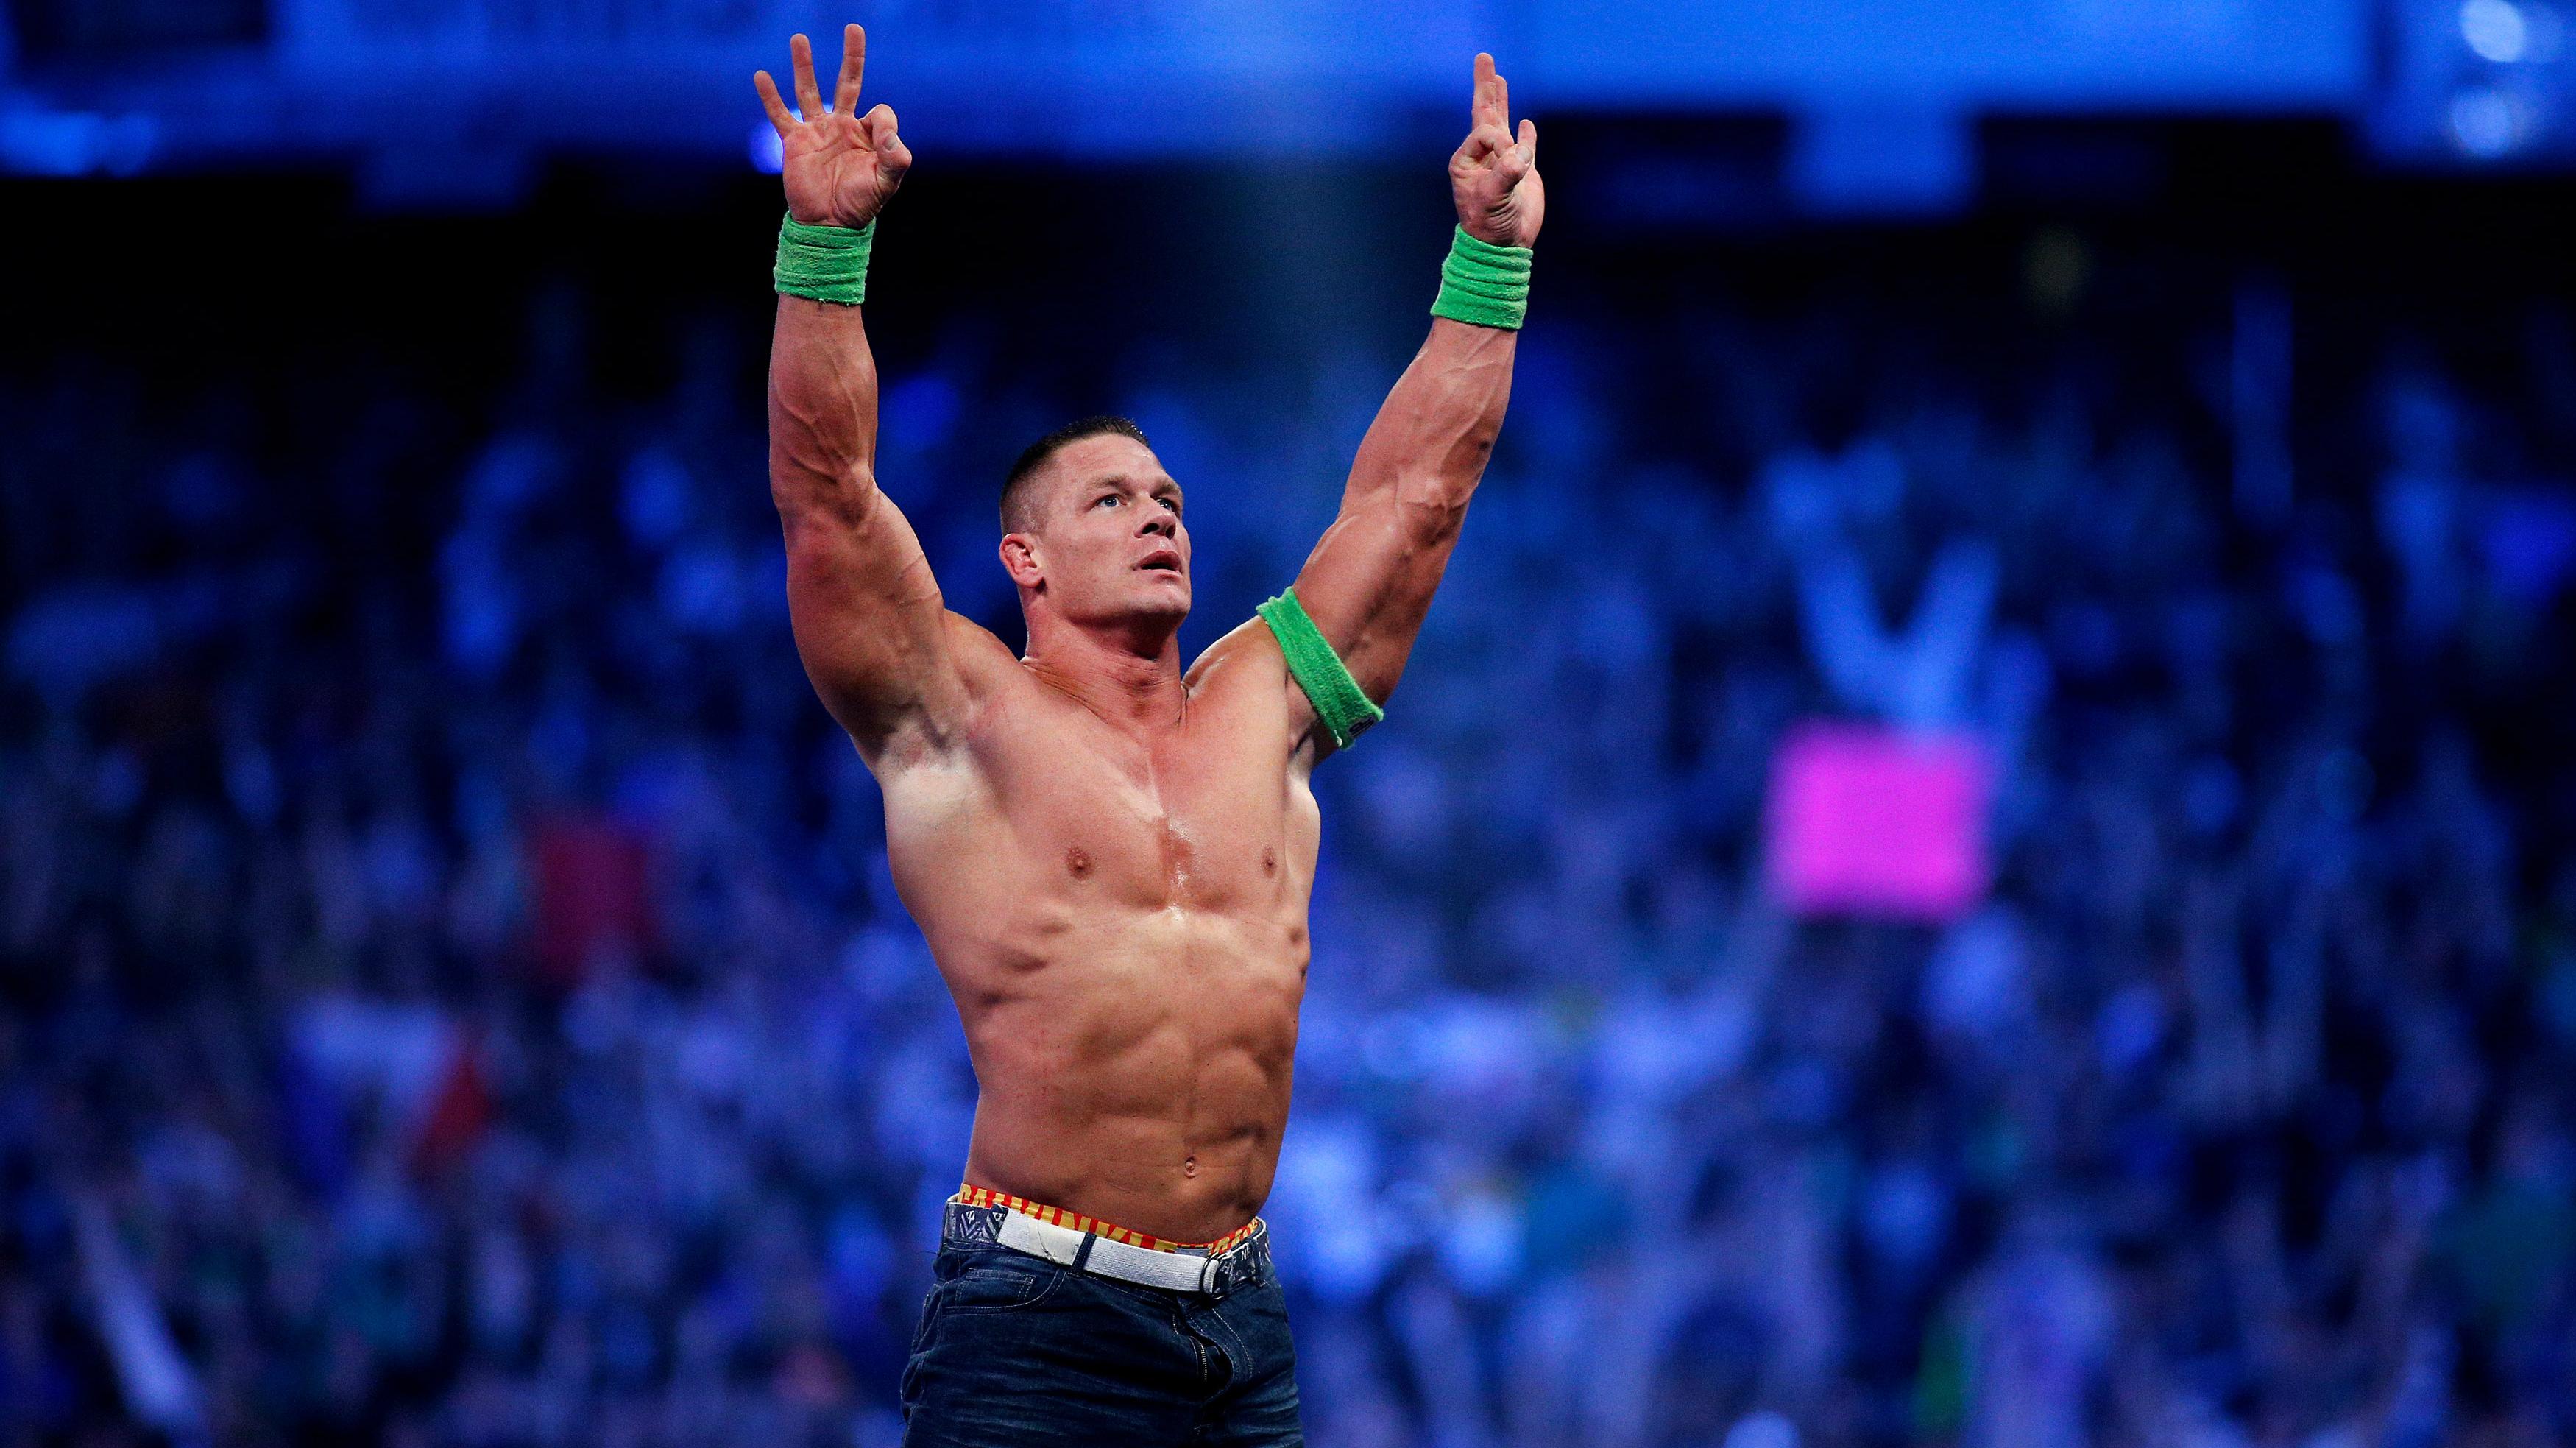 The wrestler John Cena after winning a match